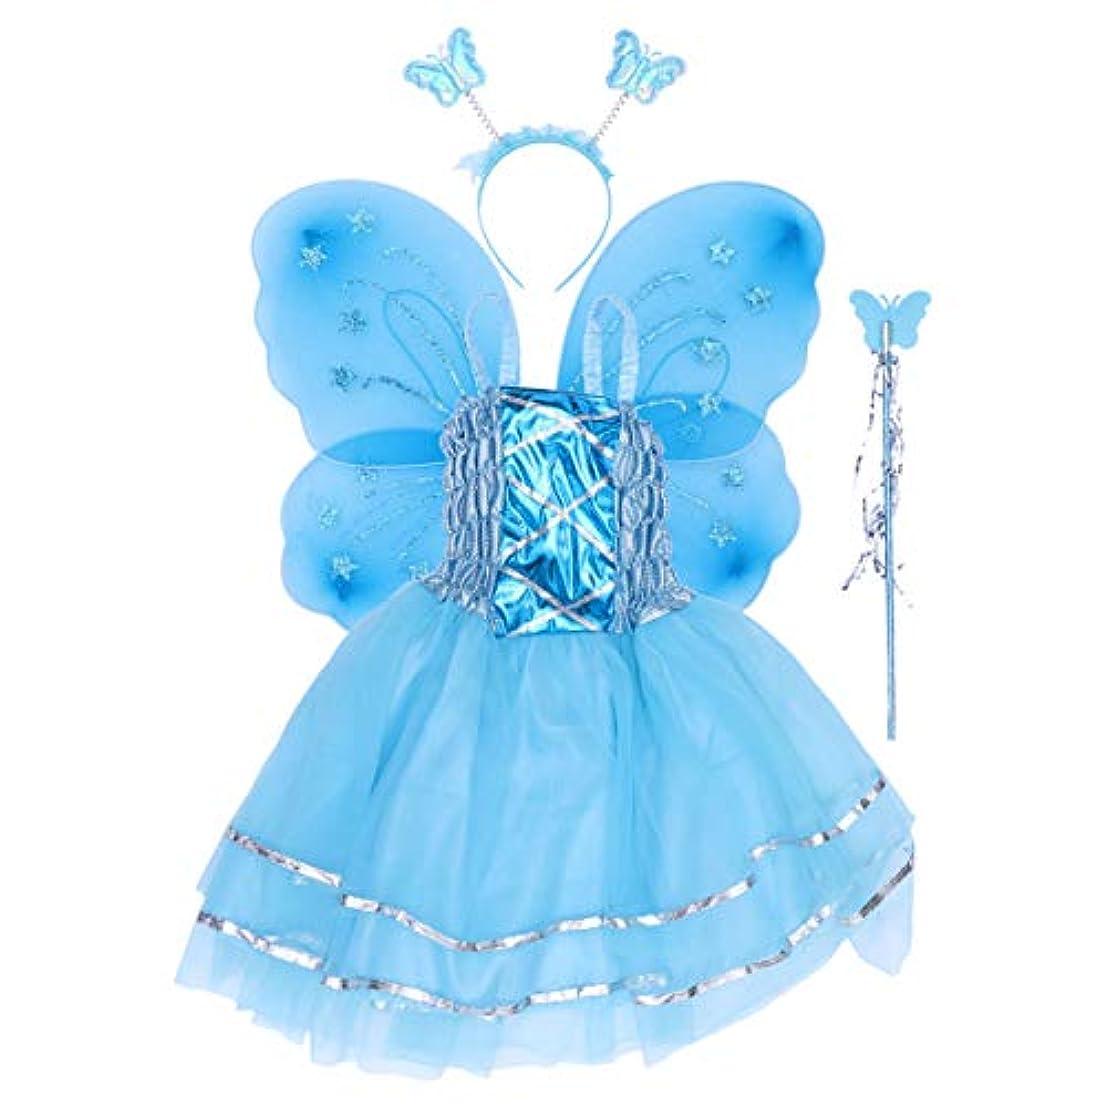 イノセンス表示に付けるBESTOYARD 蝶の羽、ワンド、ヘッドバンド、ツツードレス(スカイブルー)と4個の女の子バタフライプリンセス妖精のコスチュームセット